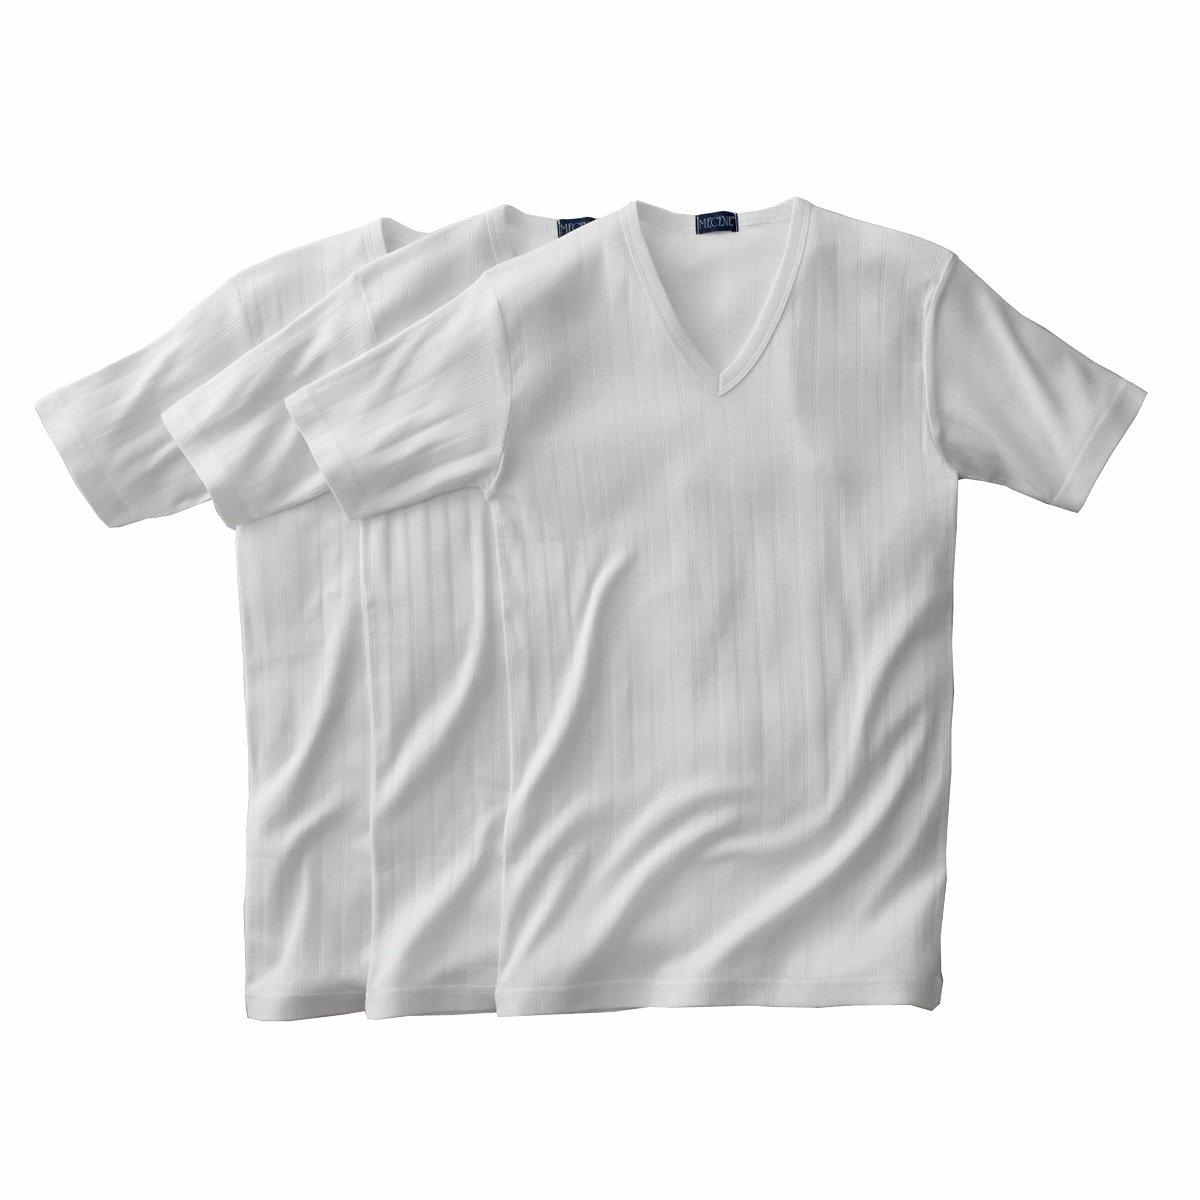 Комплект из 3 футболок в рубчик с V-образным вырезом и короткими рукавами*Международный знак Oeko-Tex гарантирует отсутствие вредных и раздражающих кожу веществ.<br><br>Цвет: белый,серый меланж<br>Размер: M.S.XXL